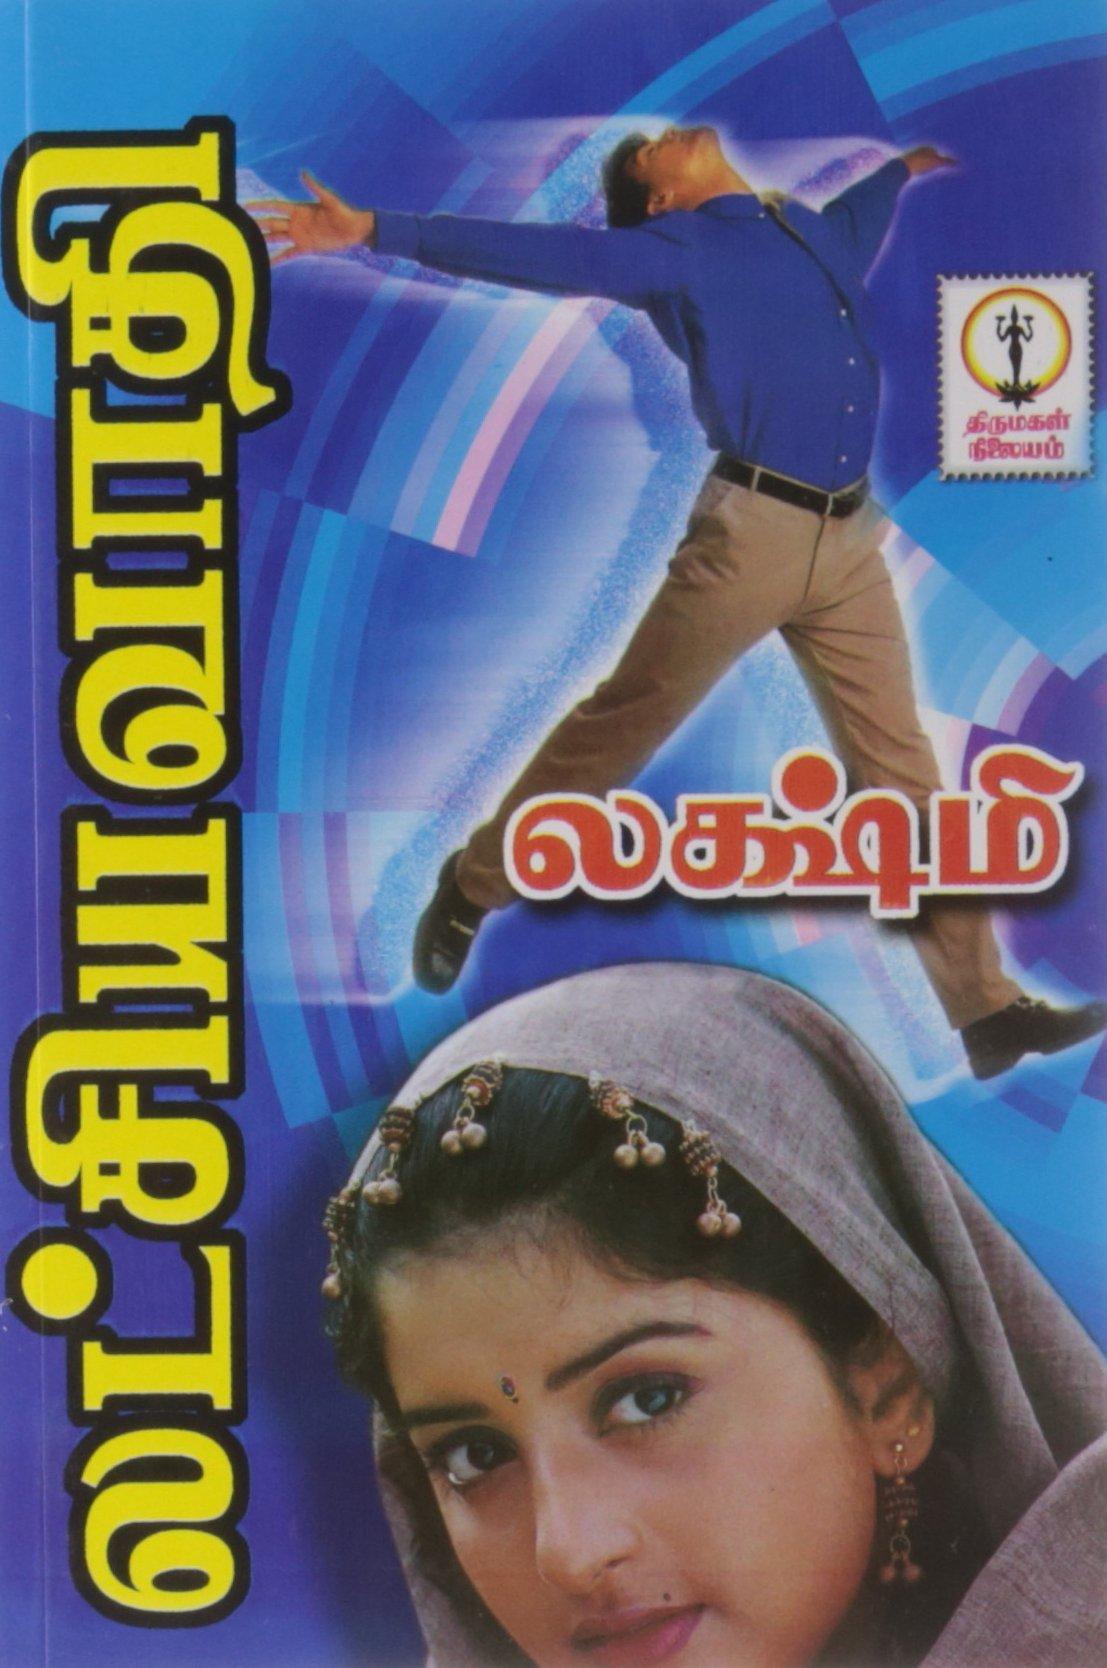 லட்சியவாதி - Latchiyavaathi